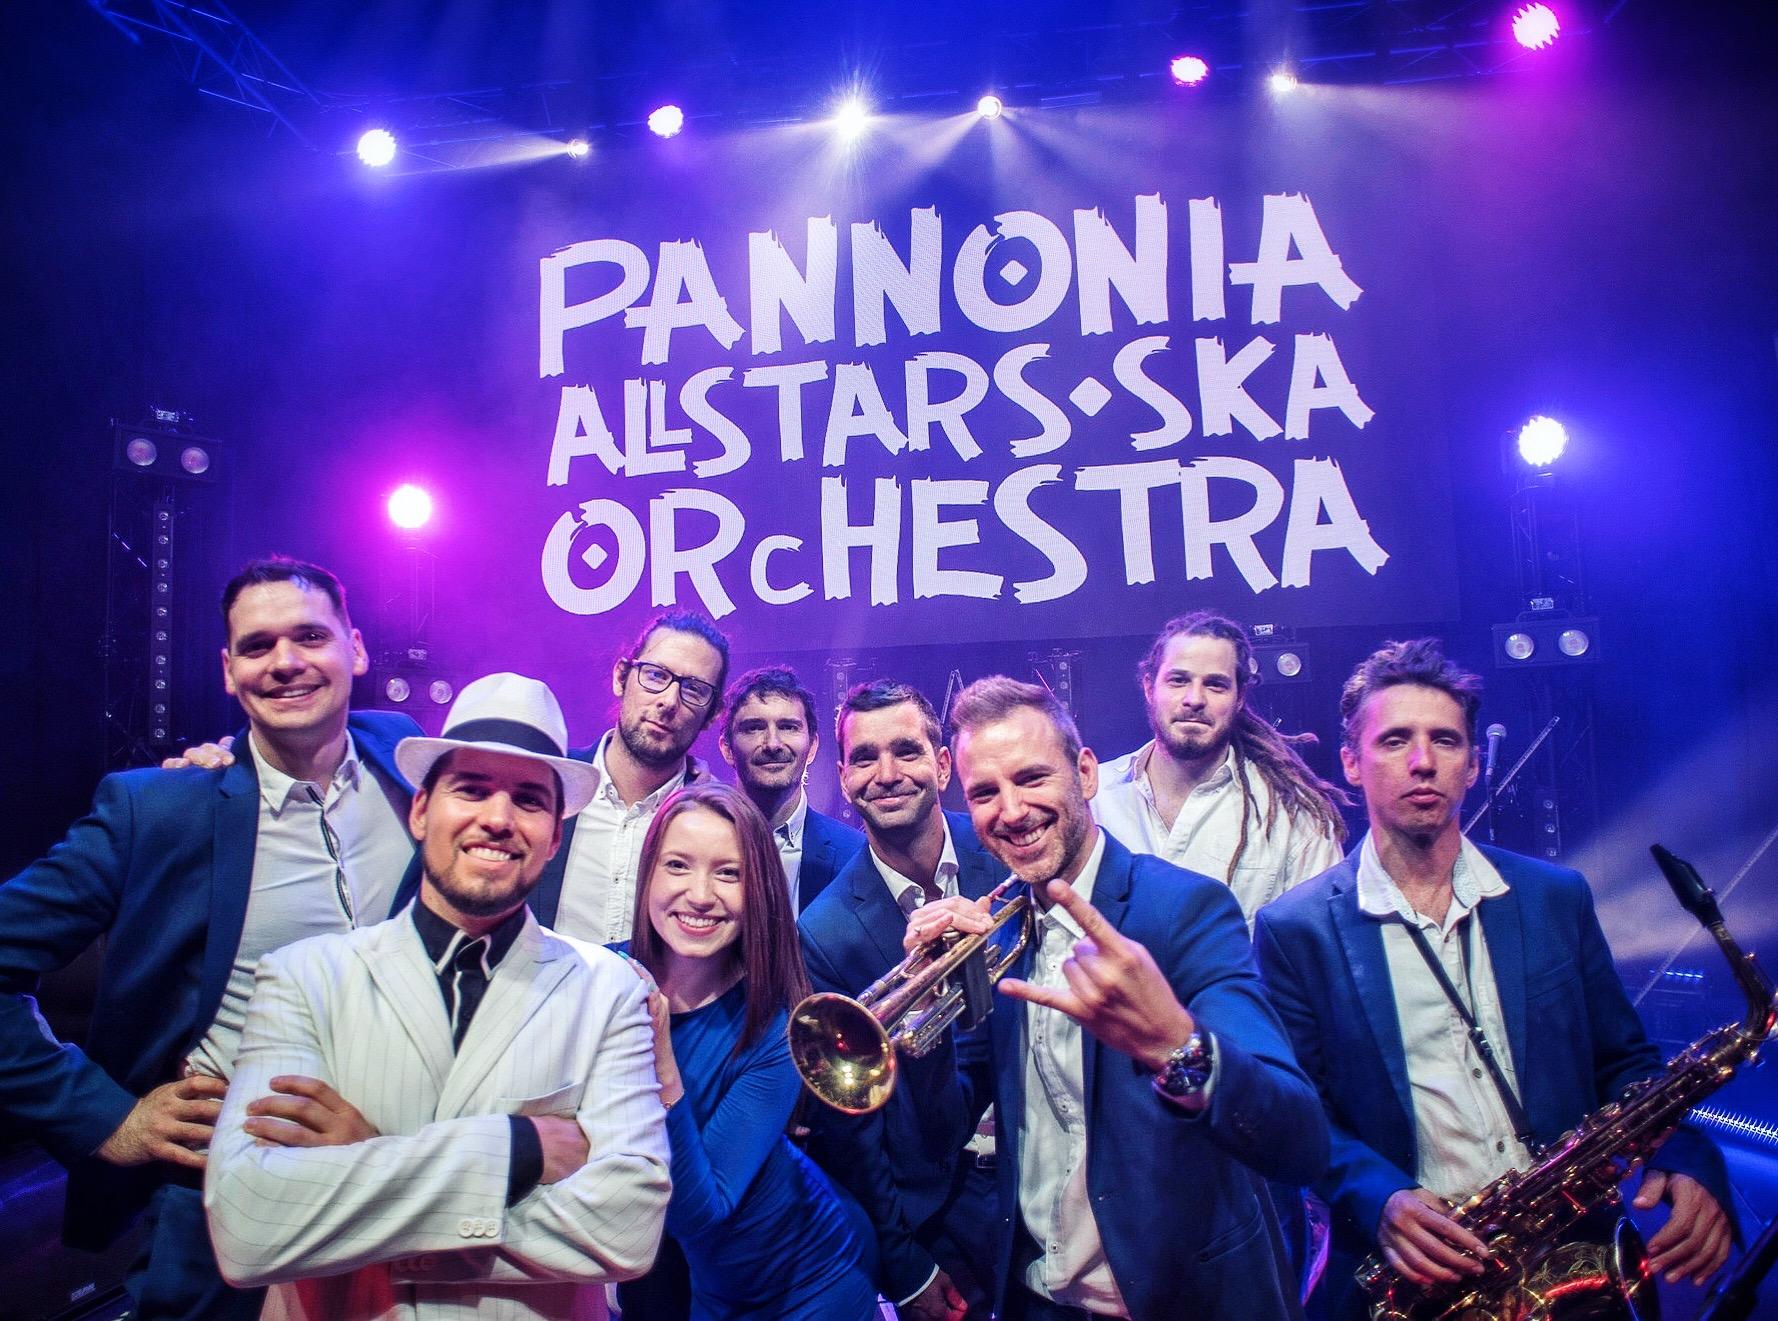 A PASO zenekart az olimpia hangulata ihlette, de a dalba fogalmazott életérzés bármely sporteseményen, világversenyen aktuális lehet.